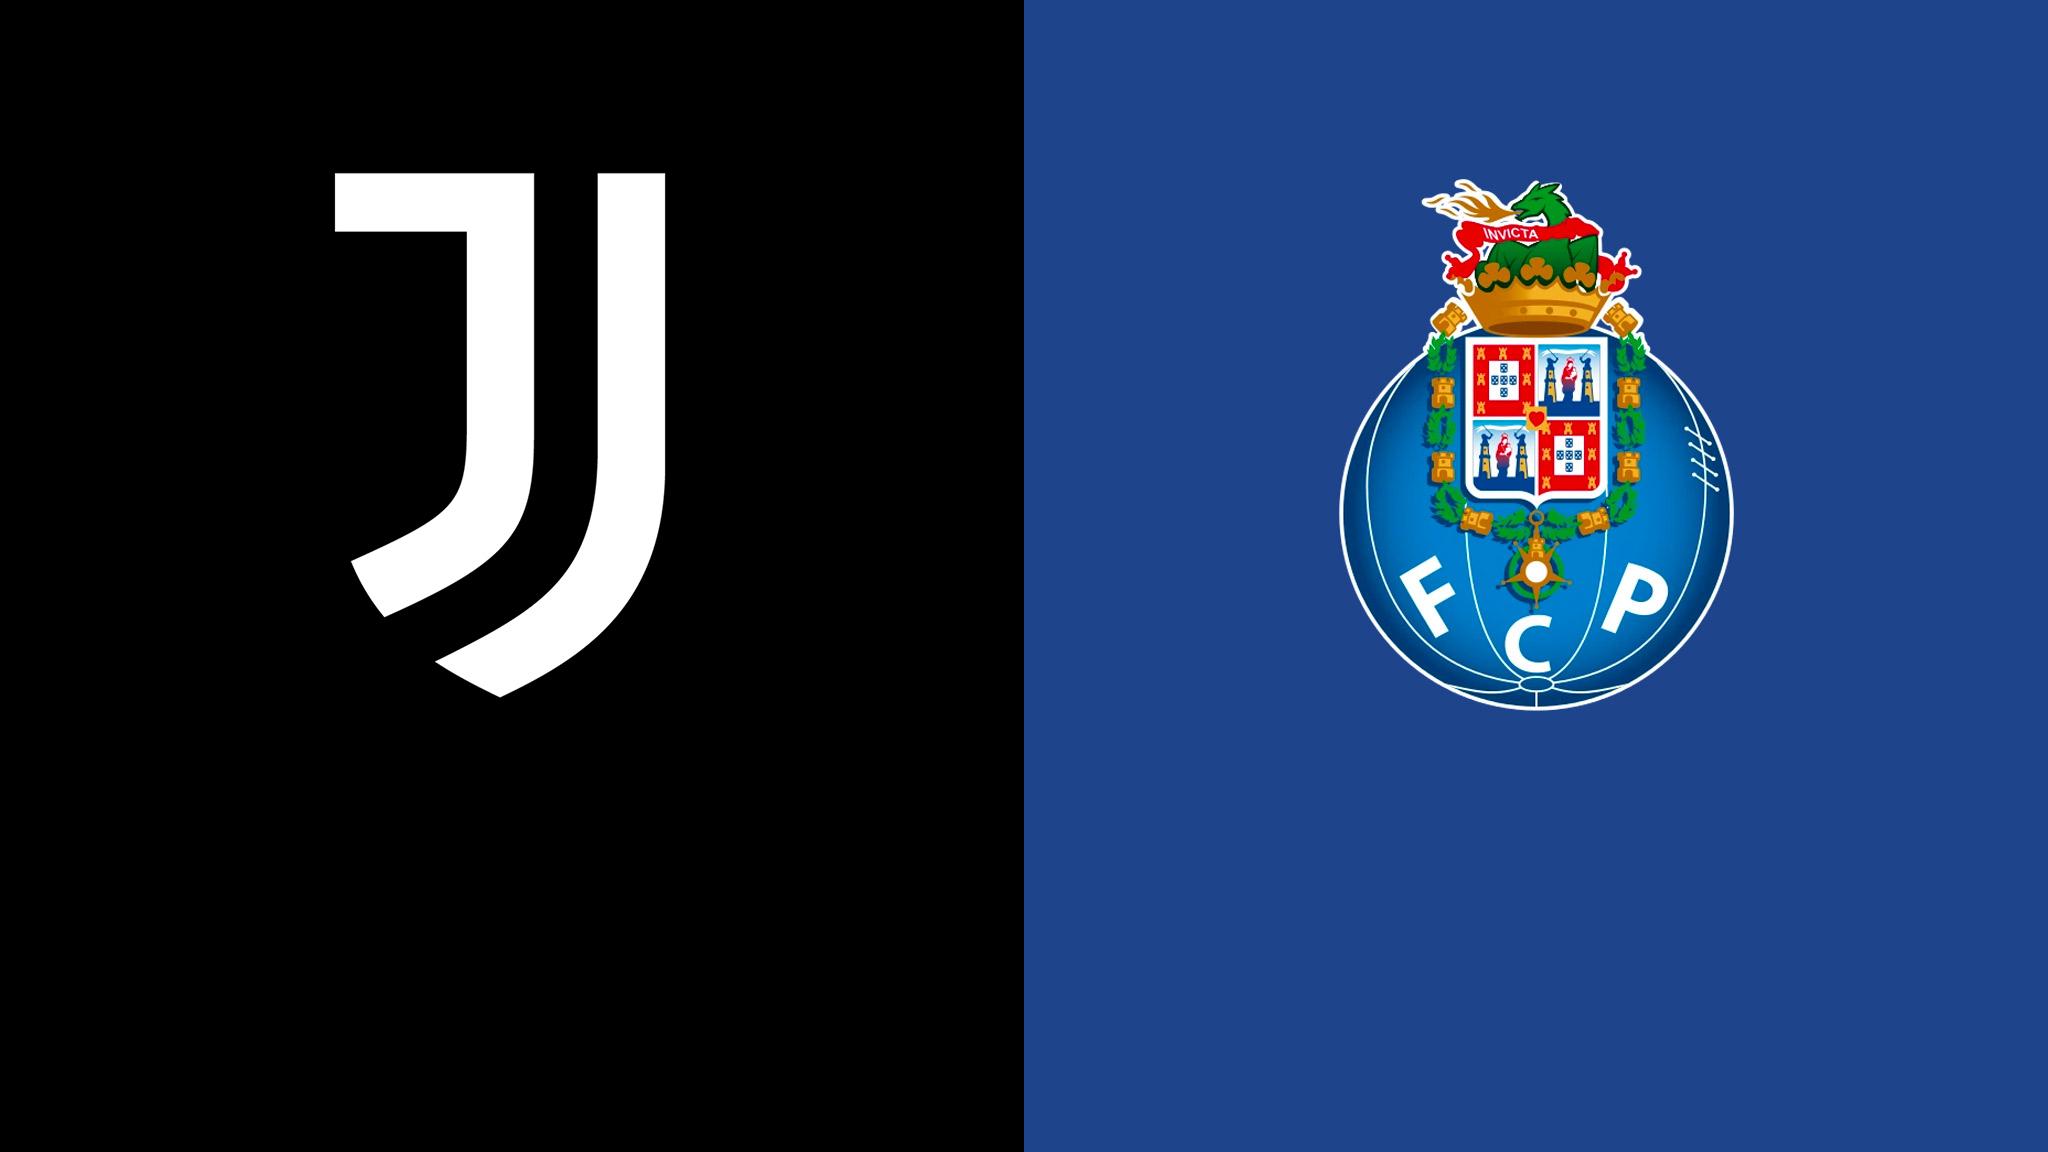 Veľkolepý súboj dnešného večera! Dokáže prelomiť gigantický klub z Talianskej ligy náskok nezbytného tímu FC Porto!?